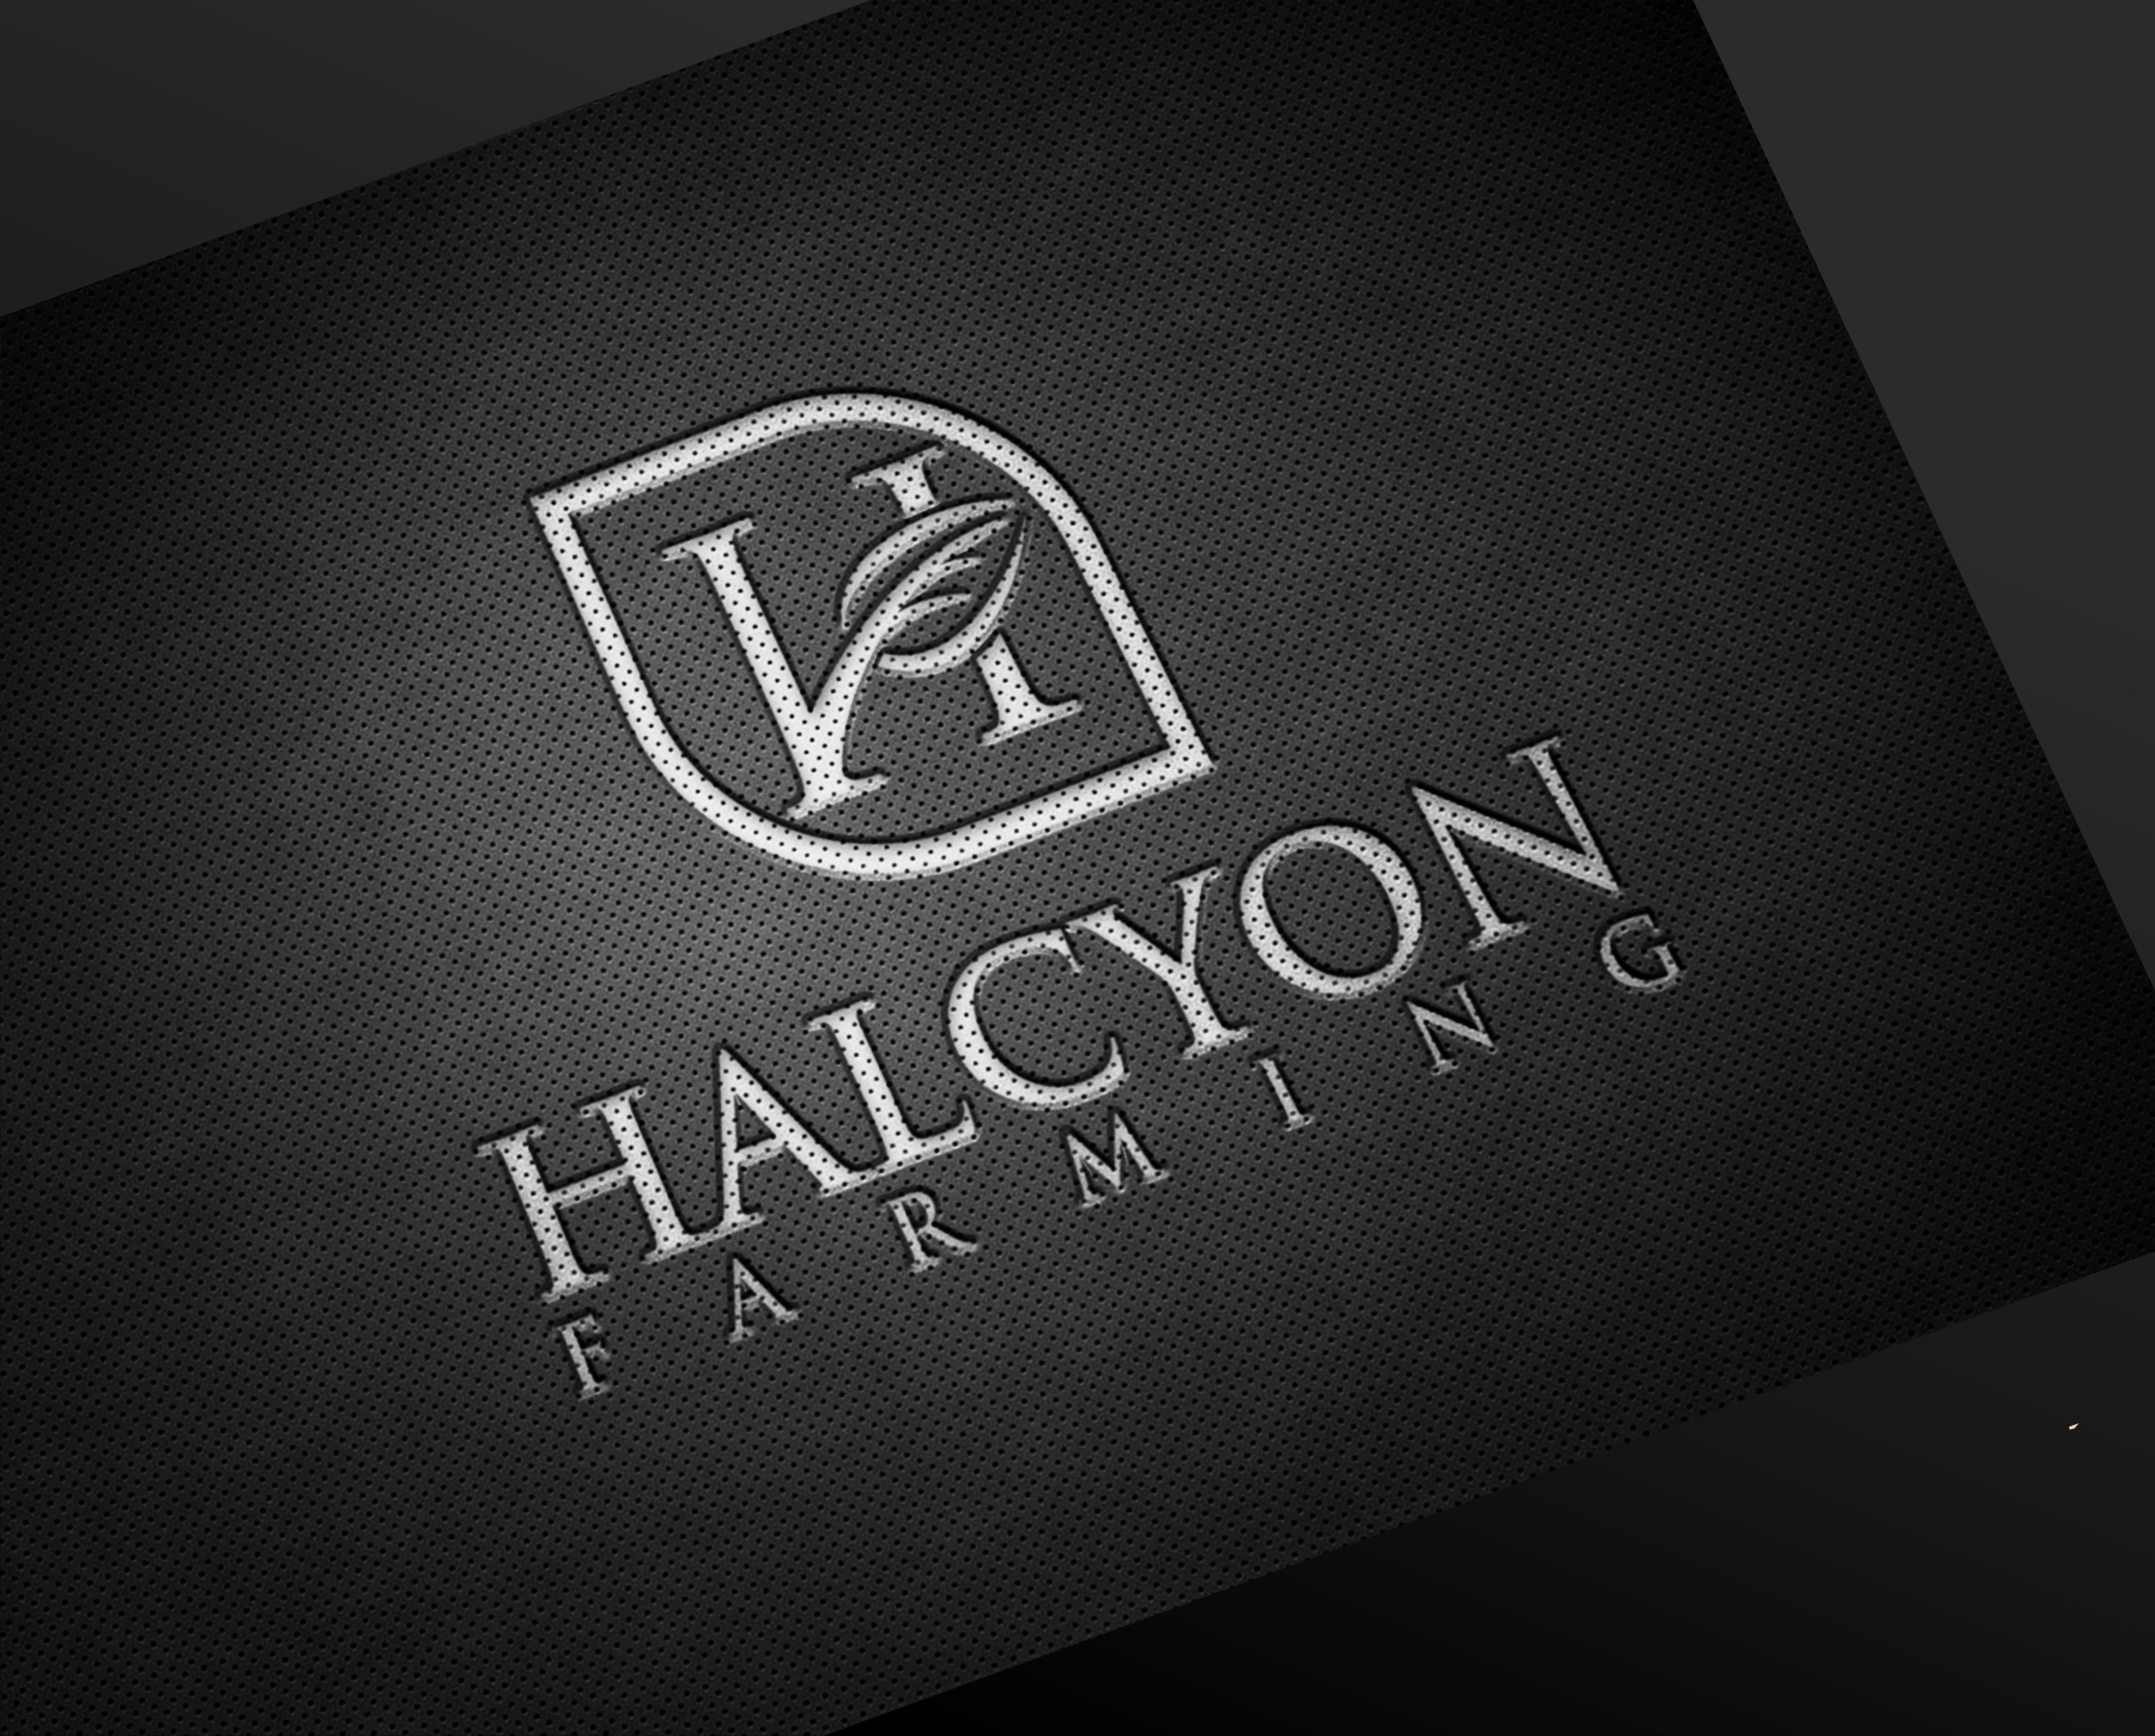 Logo Design by Net Bih - Entry No. 124 in the Logo Design Contest Creative Logo Design for Halcyon Farming.